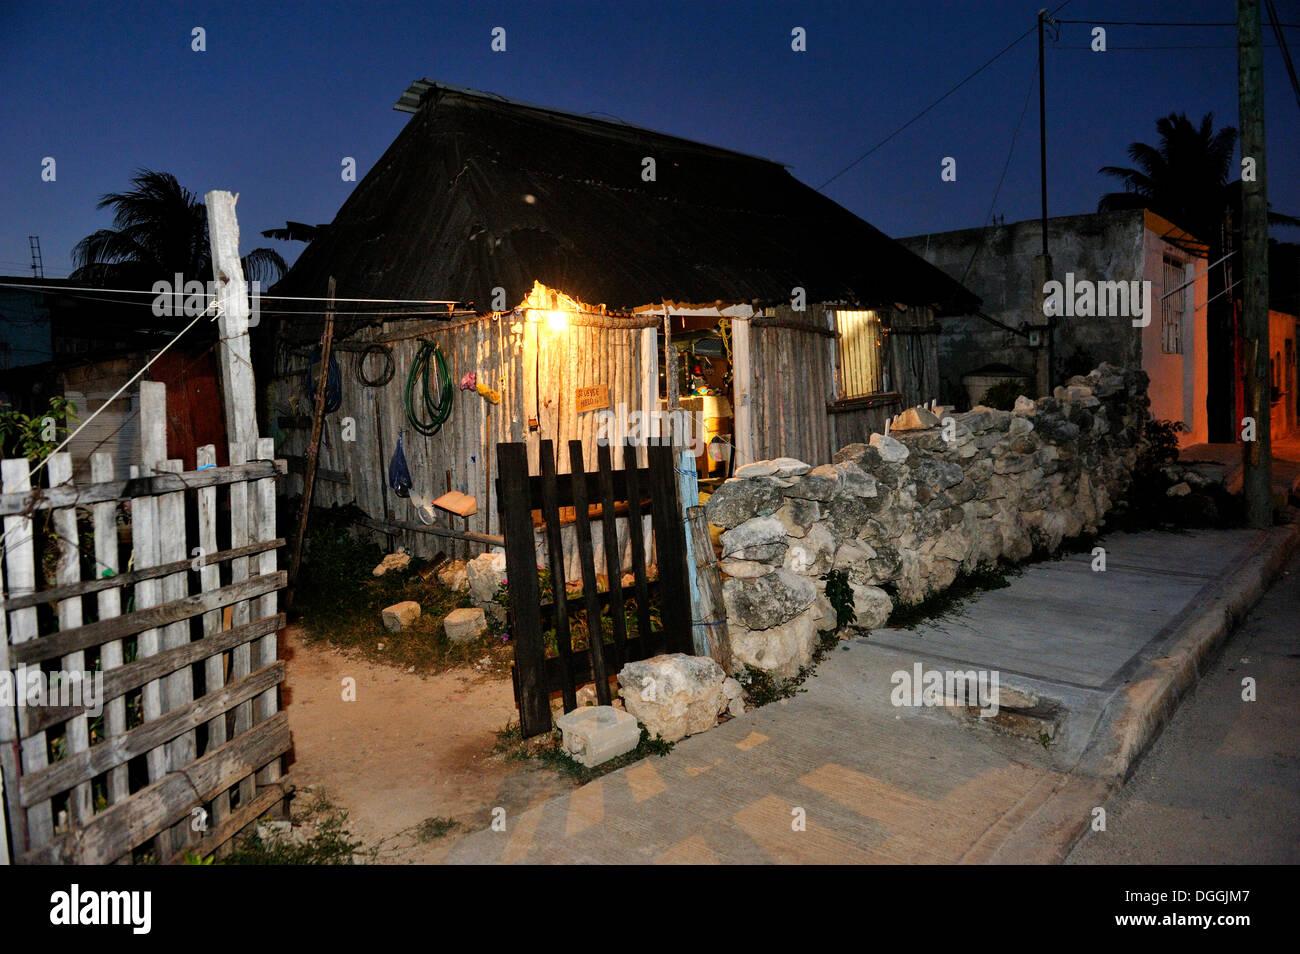 Humble cottage sur la périphérie de Cancun administré par les personnes travaillant dans l'industrie Photo Stock